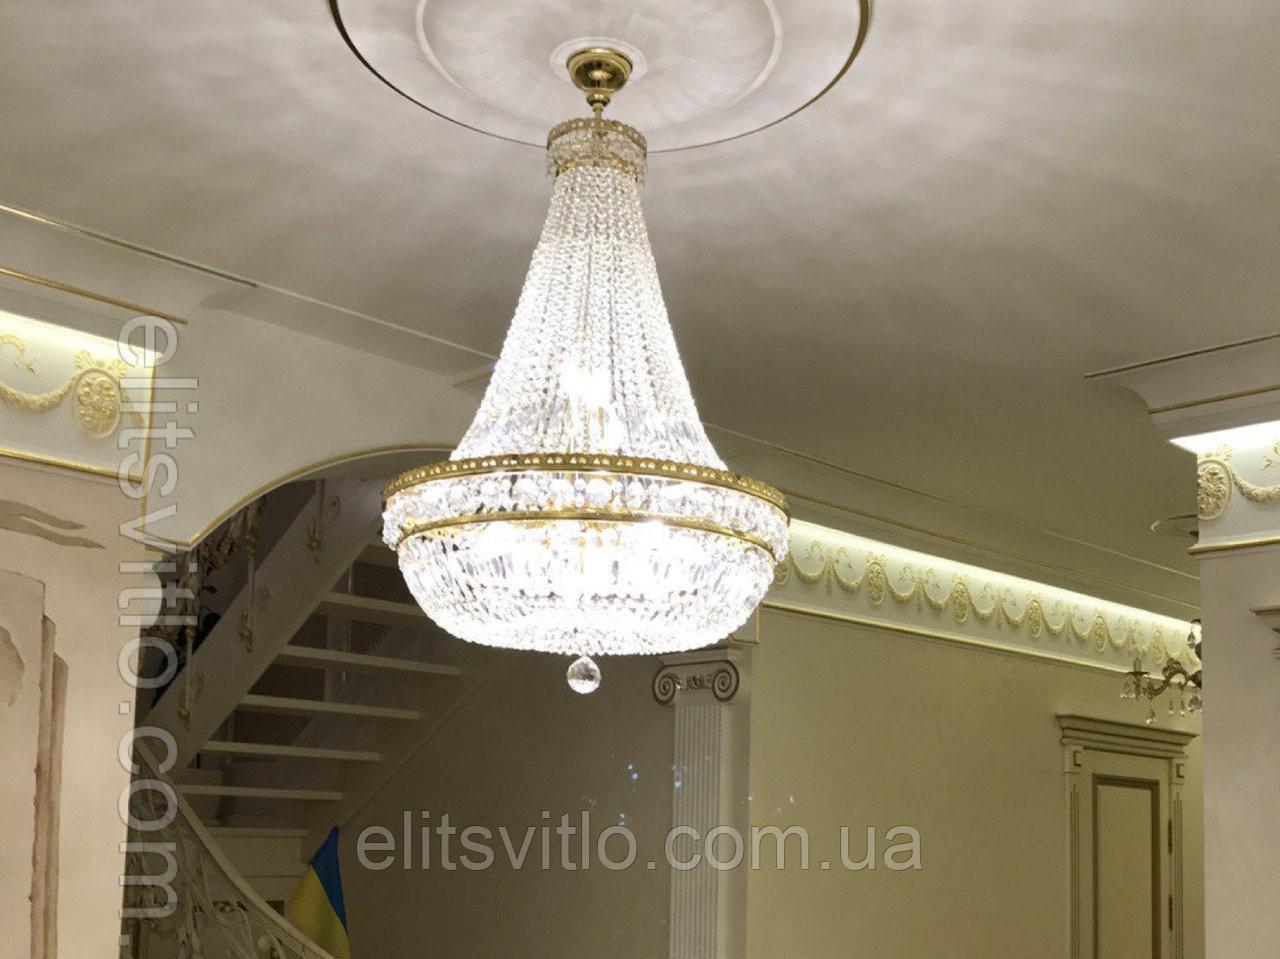 Хрустальный светильник Еlite Bohemia L 740/15/05 N